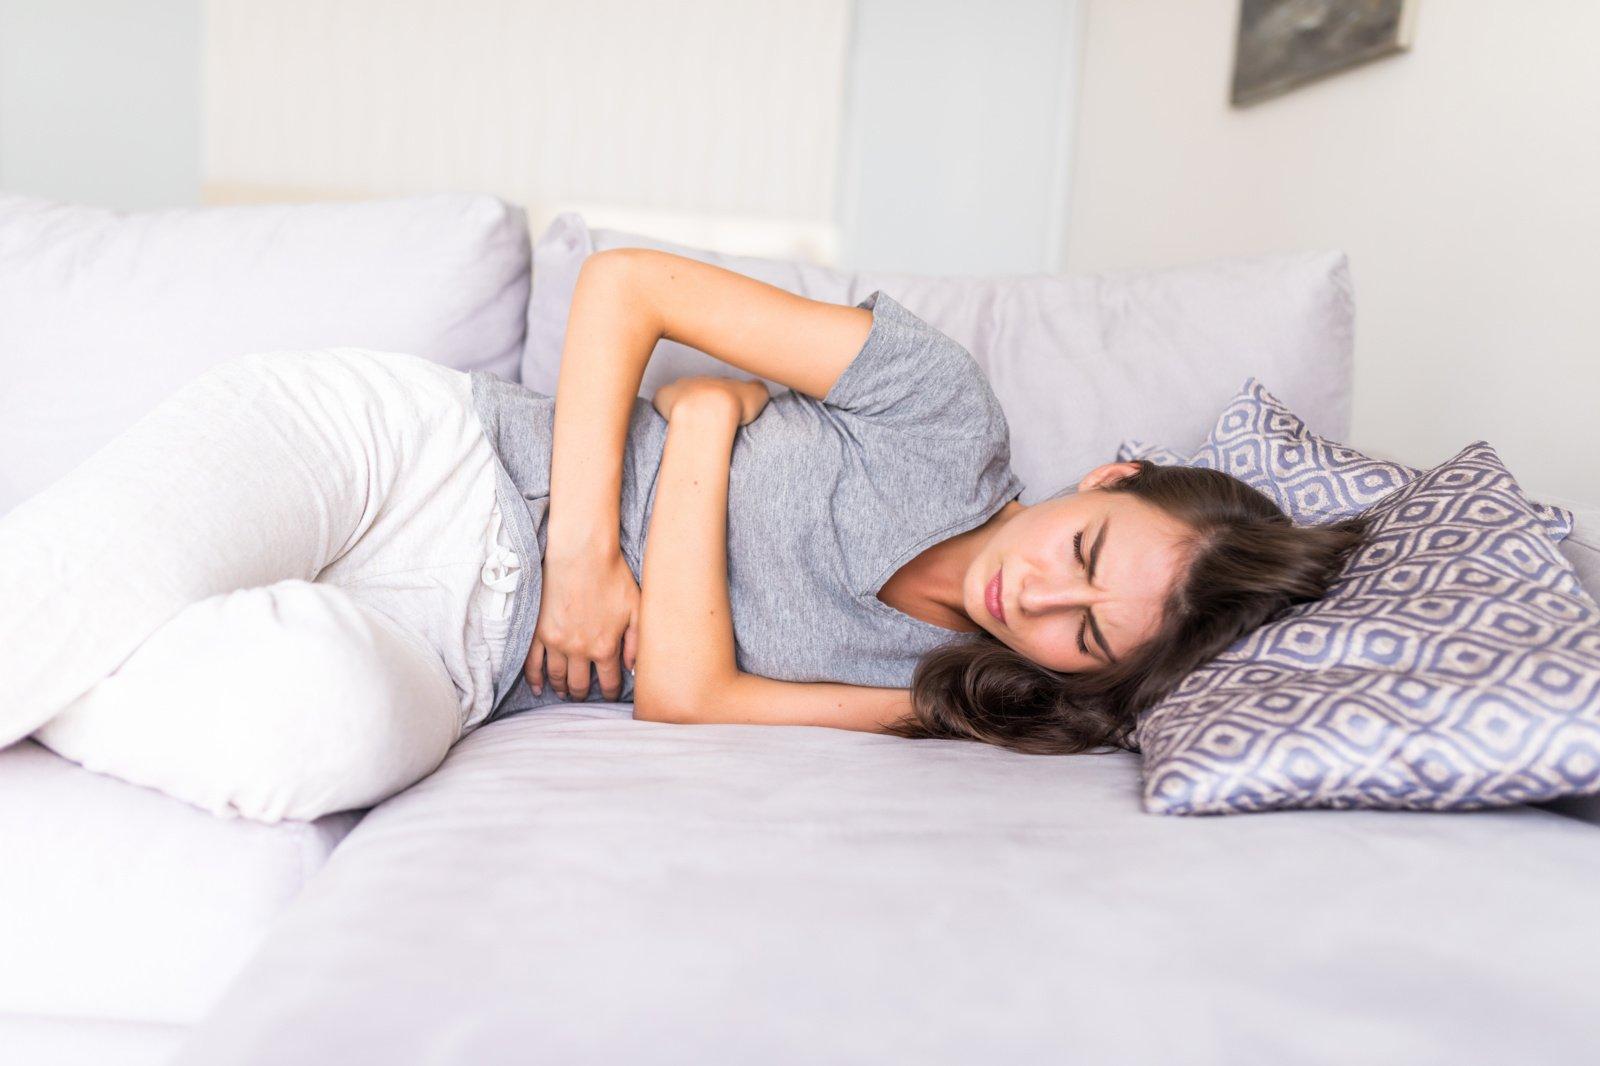 Kaip sumažinti skrandžio skausmą: kada vaistai padeda, o kada kenkia?